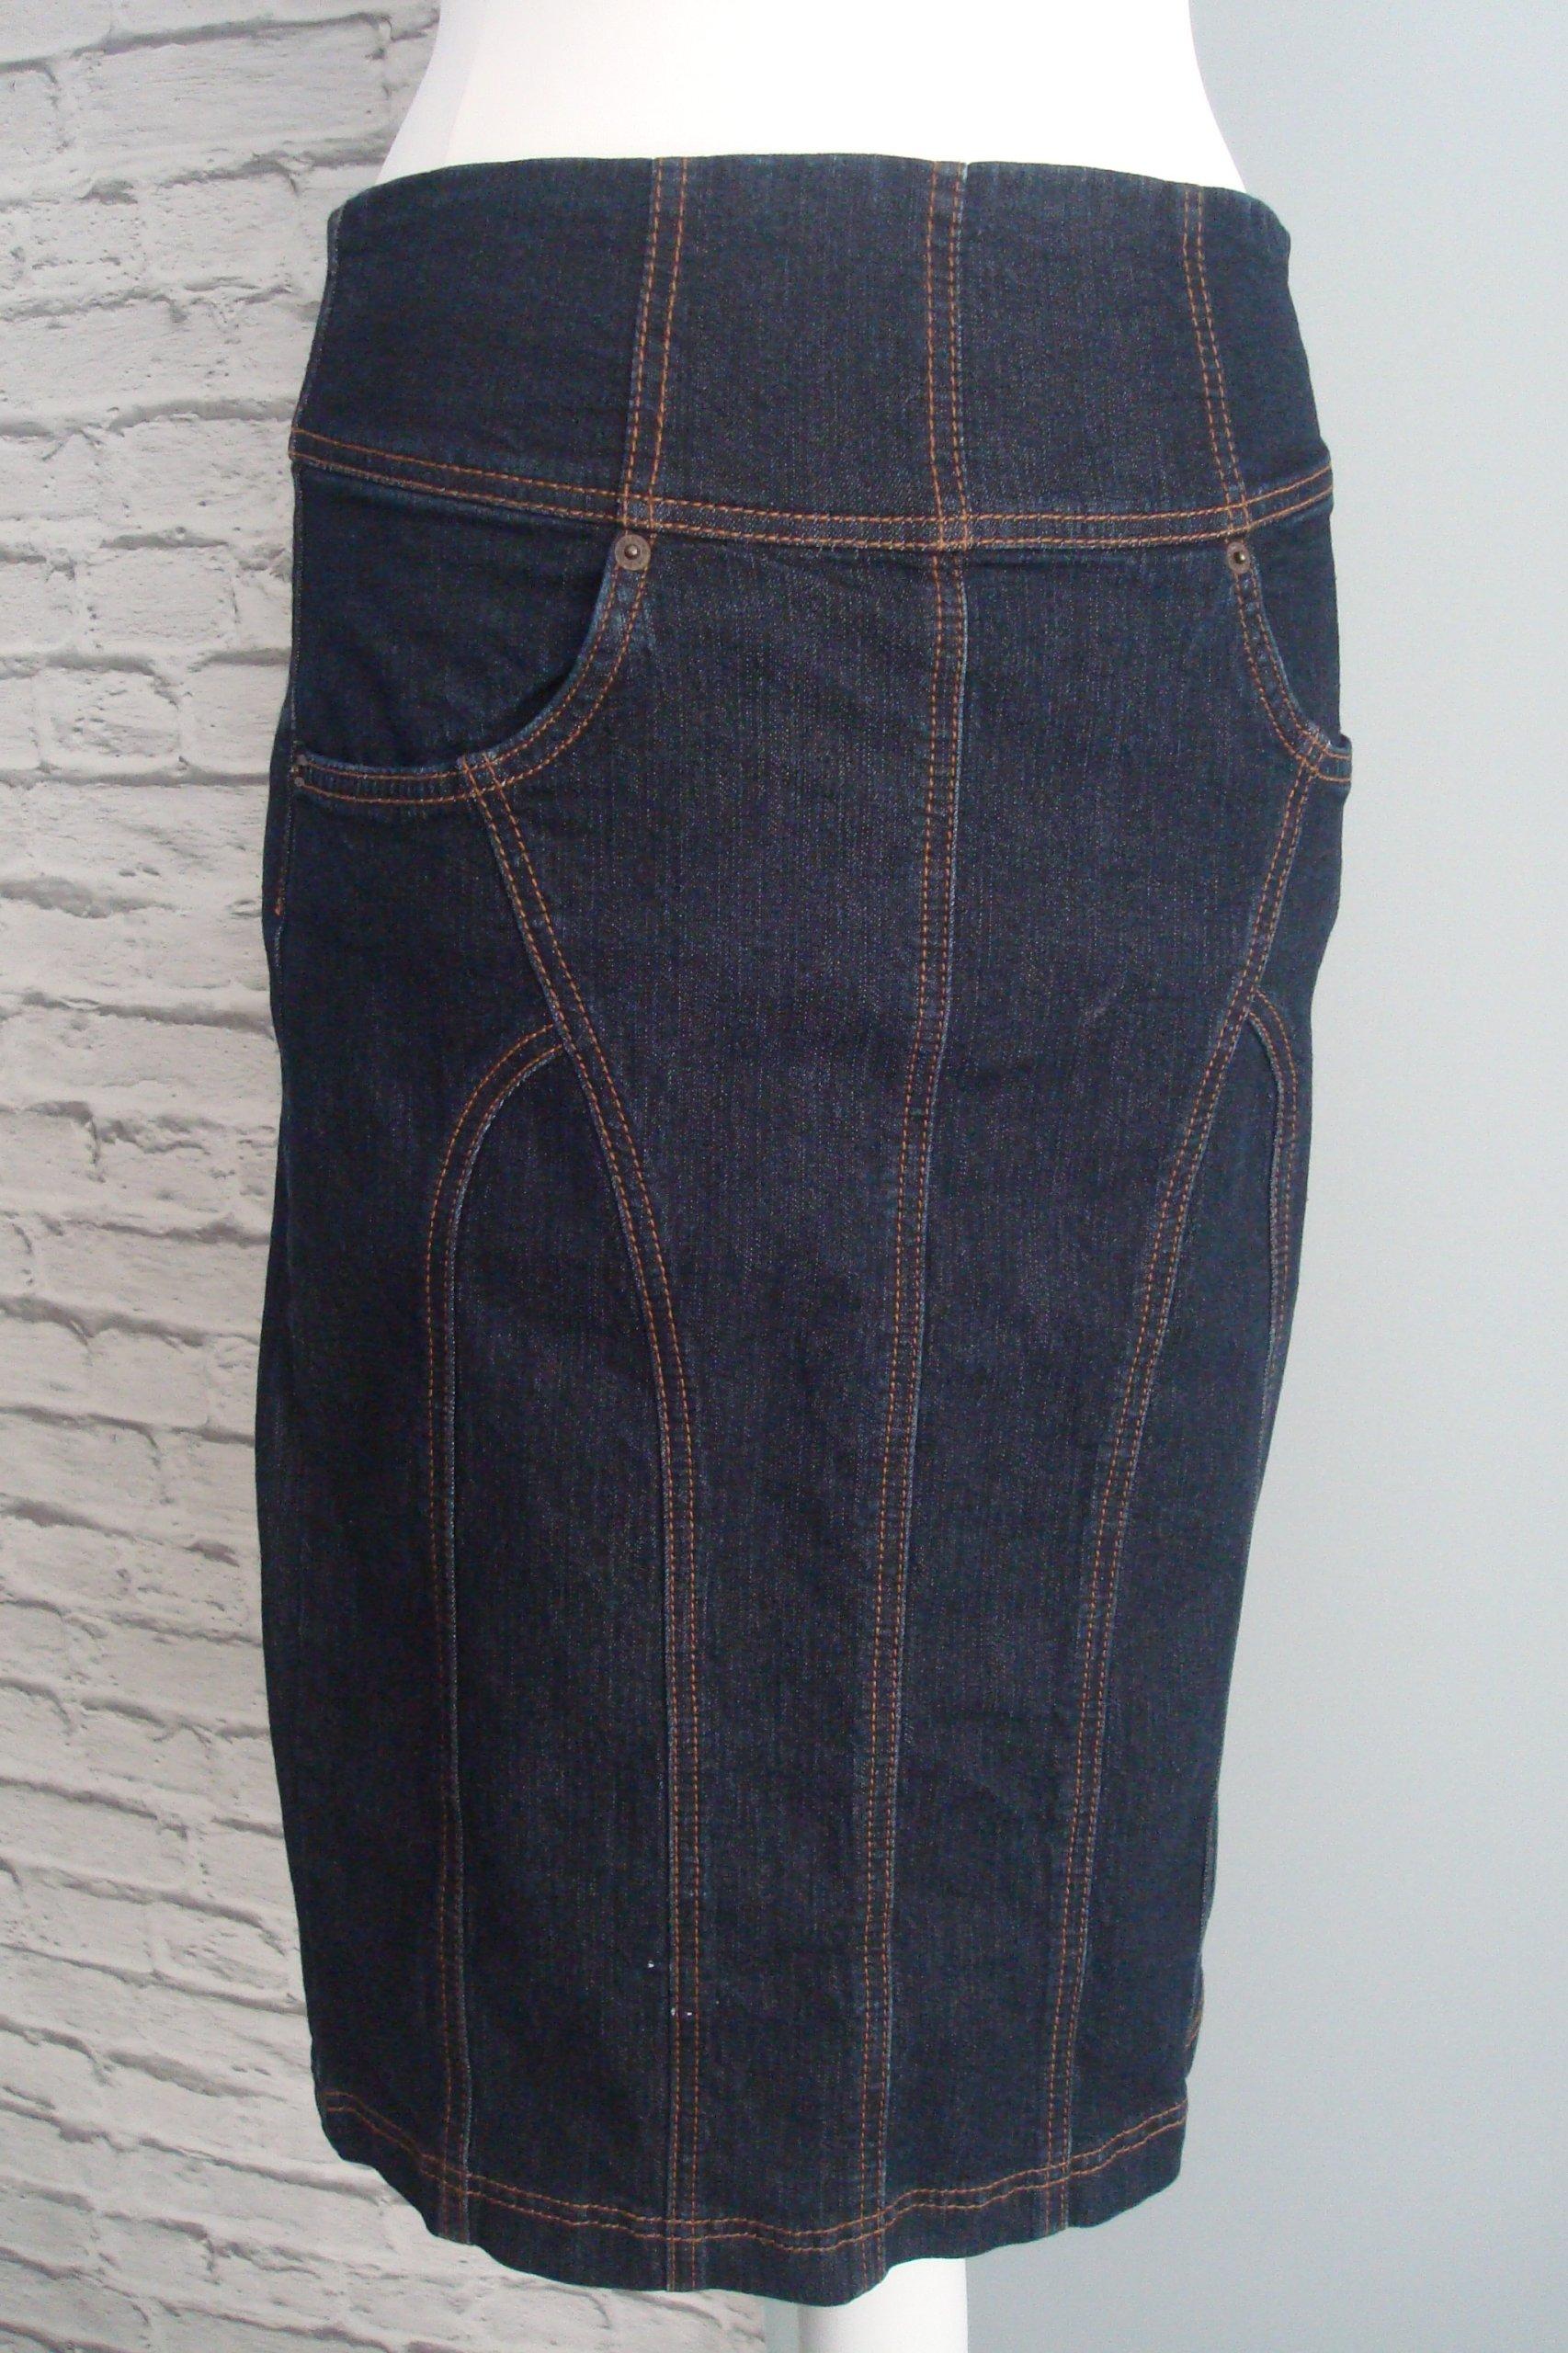 Granatowa spódnica jeans casual midi L 40